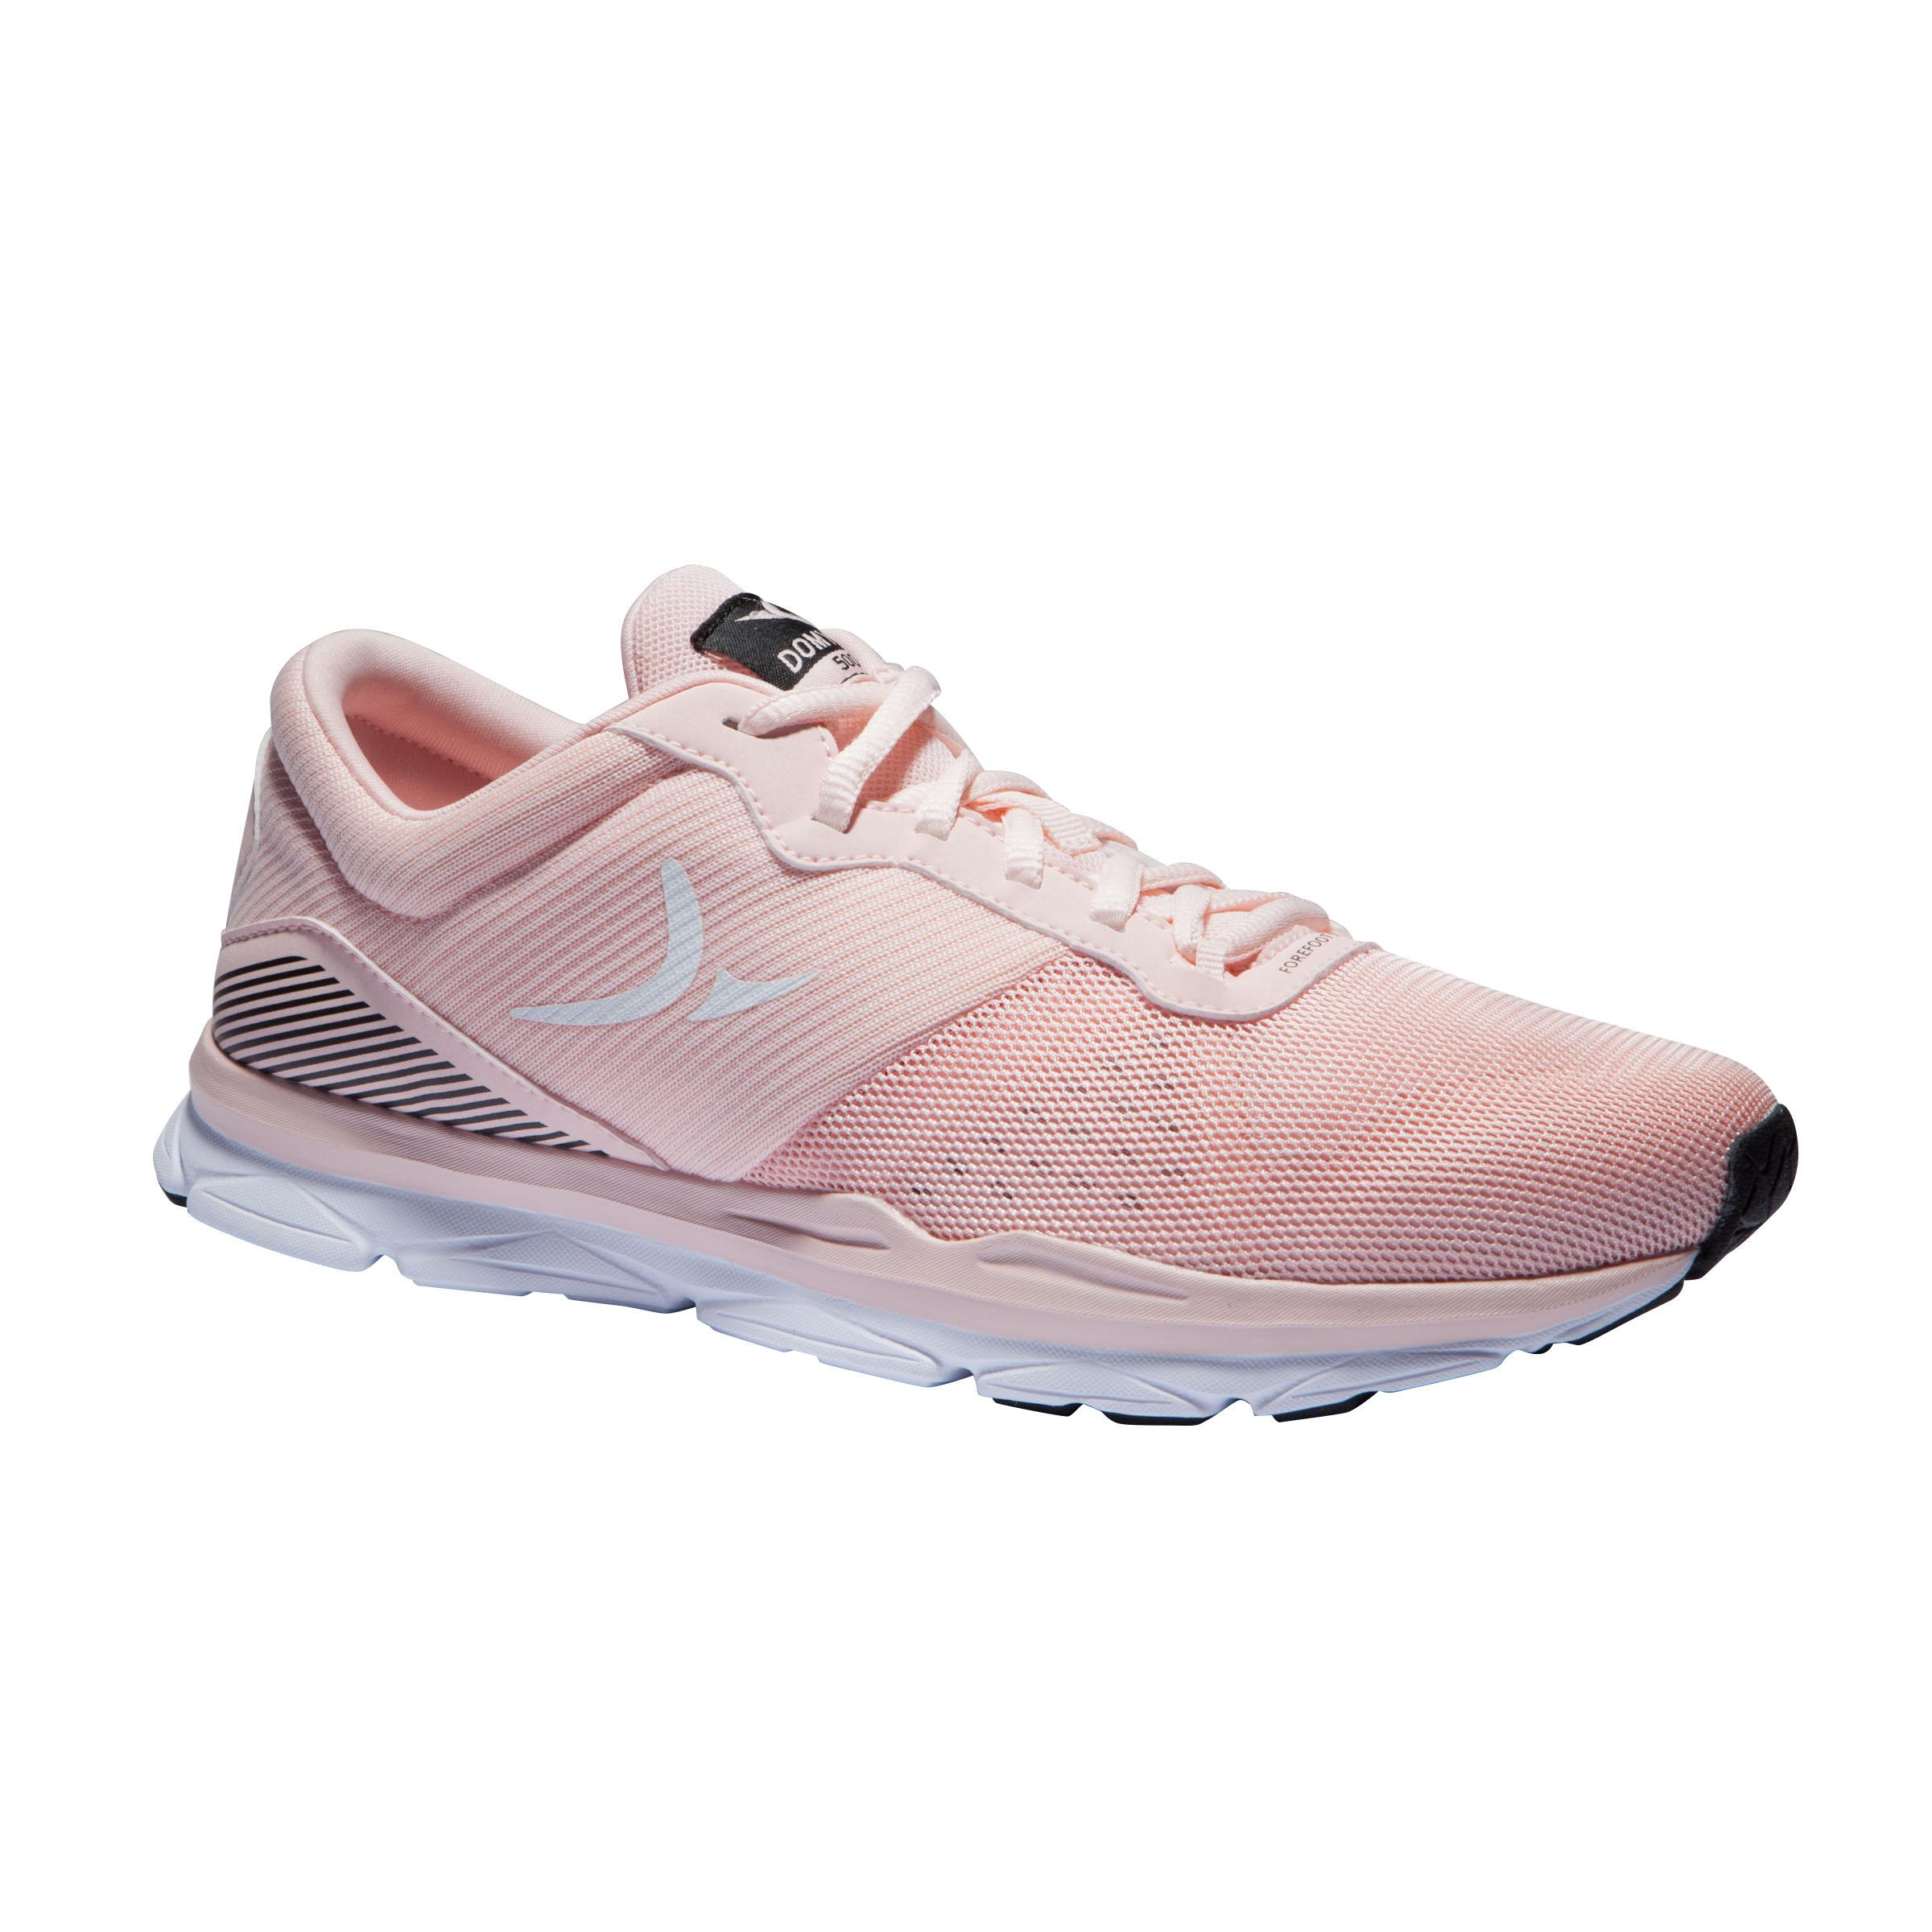 lindo baratas compra genuina nuevo producto Comprar Zapatillas para bailar Fitness Dance Online | Decathlon